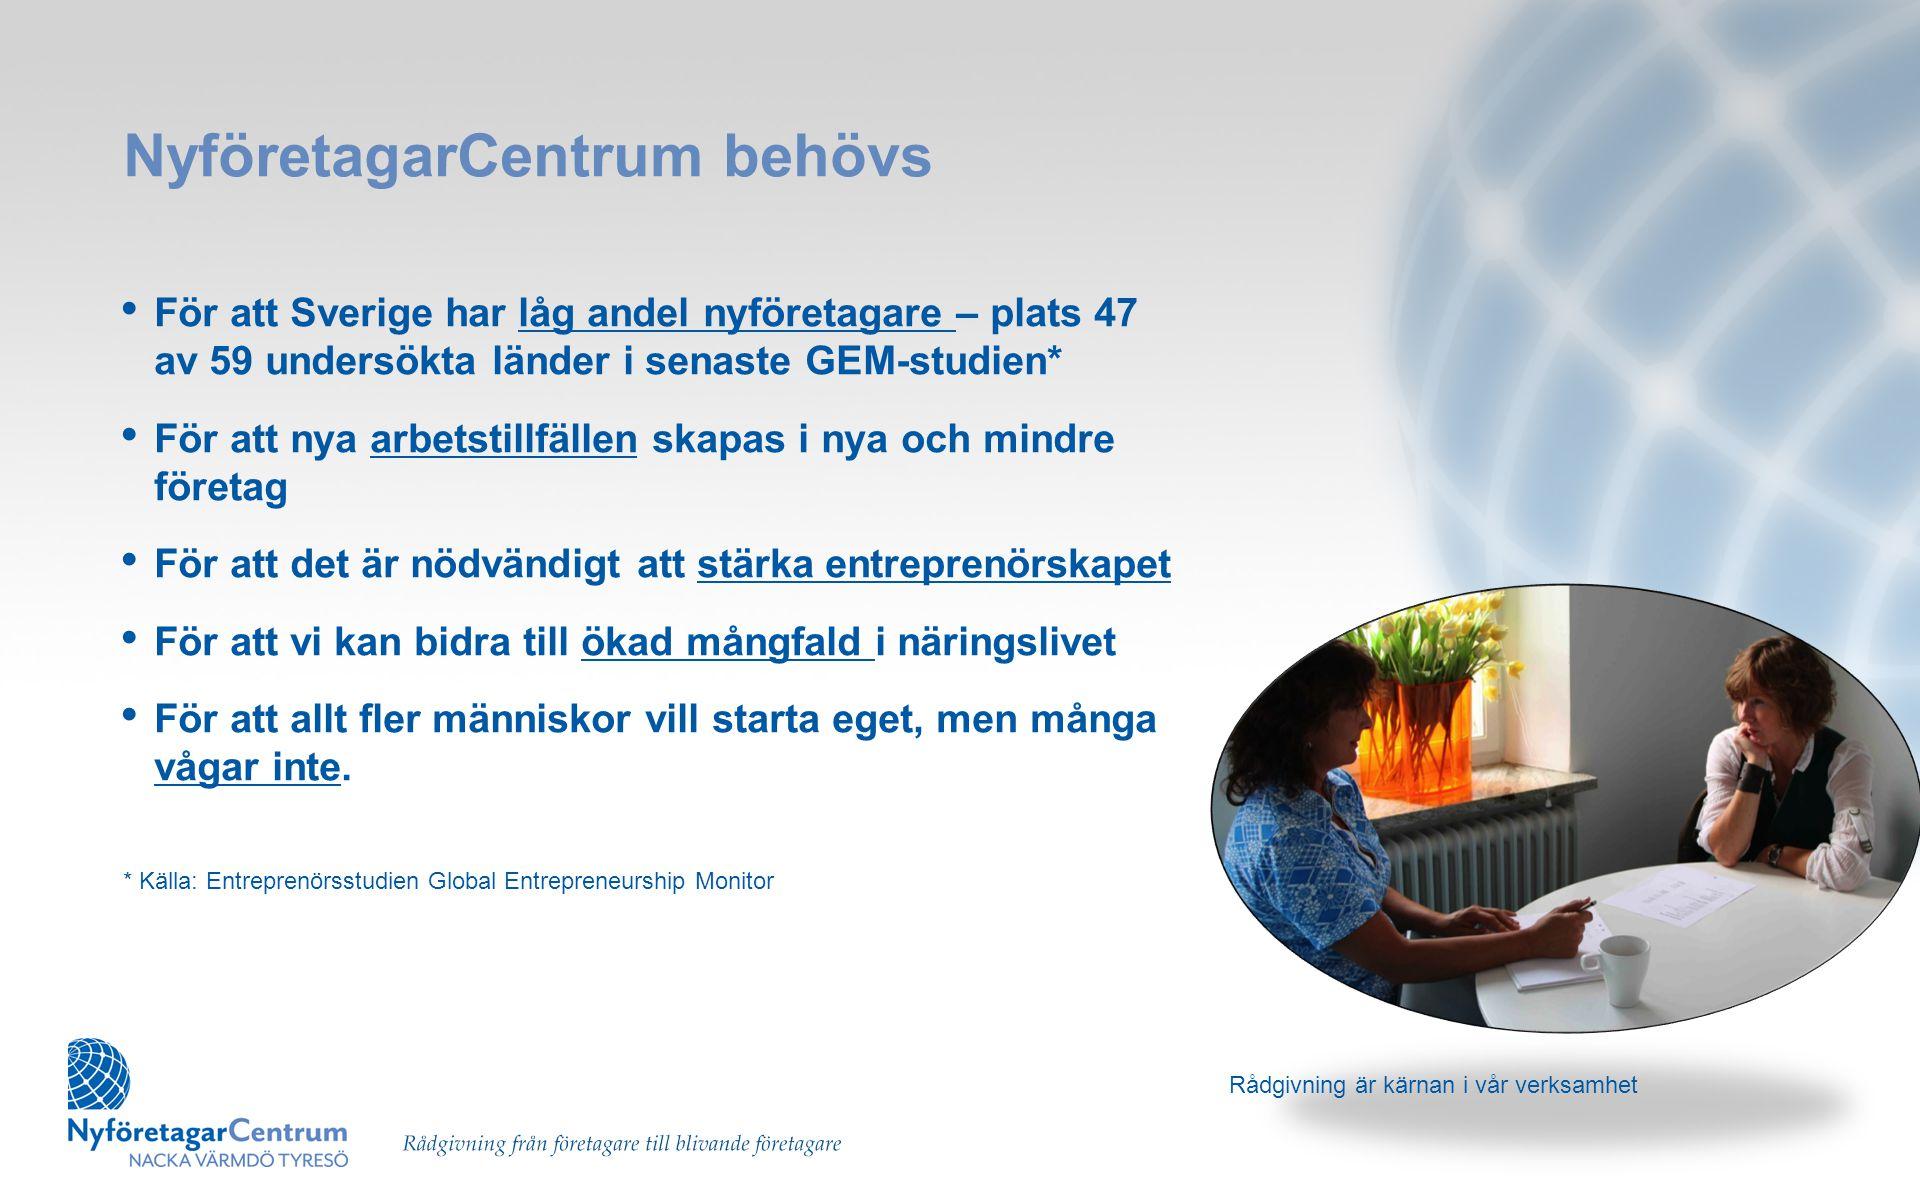 Motiv att stödja Allmännytta och samhällsinsats (CSR) • Bidrar till tillväxt genom nyföretagande och entreprenörskap, samt till lokal företags- och samhällsutveckling • Utvecklar kommunerna, kvitto på ansvarstagande • Kostnadseffektivt och resultatinriktat arbete Affärsnytta • Nya kunder, möjlighet att bygga kundrelationer tidigt • Goda möjligheter till affärer mellan partners • Omfattande exponering tillsammans med andra förebildsföretag, samt tillgång till NyföretagarCentrums varumärke och renommé